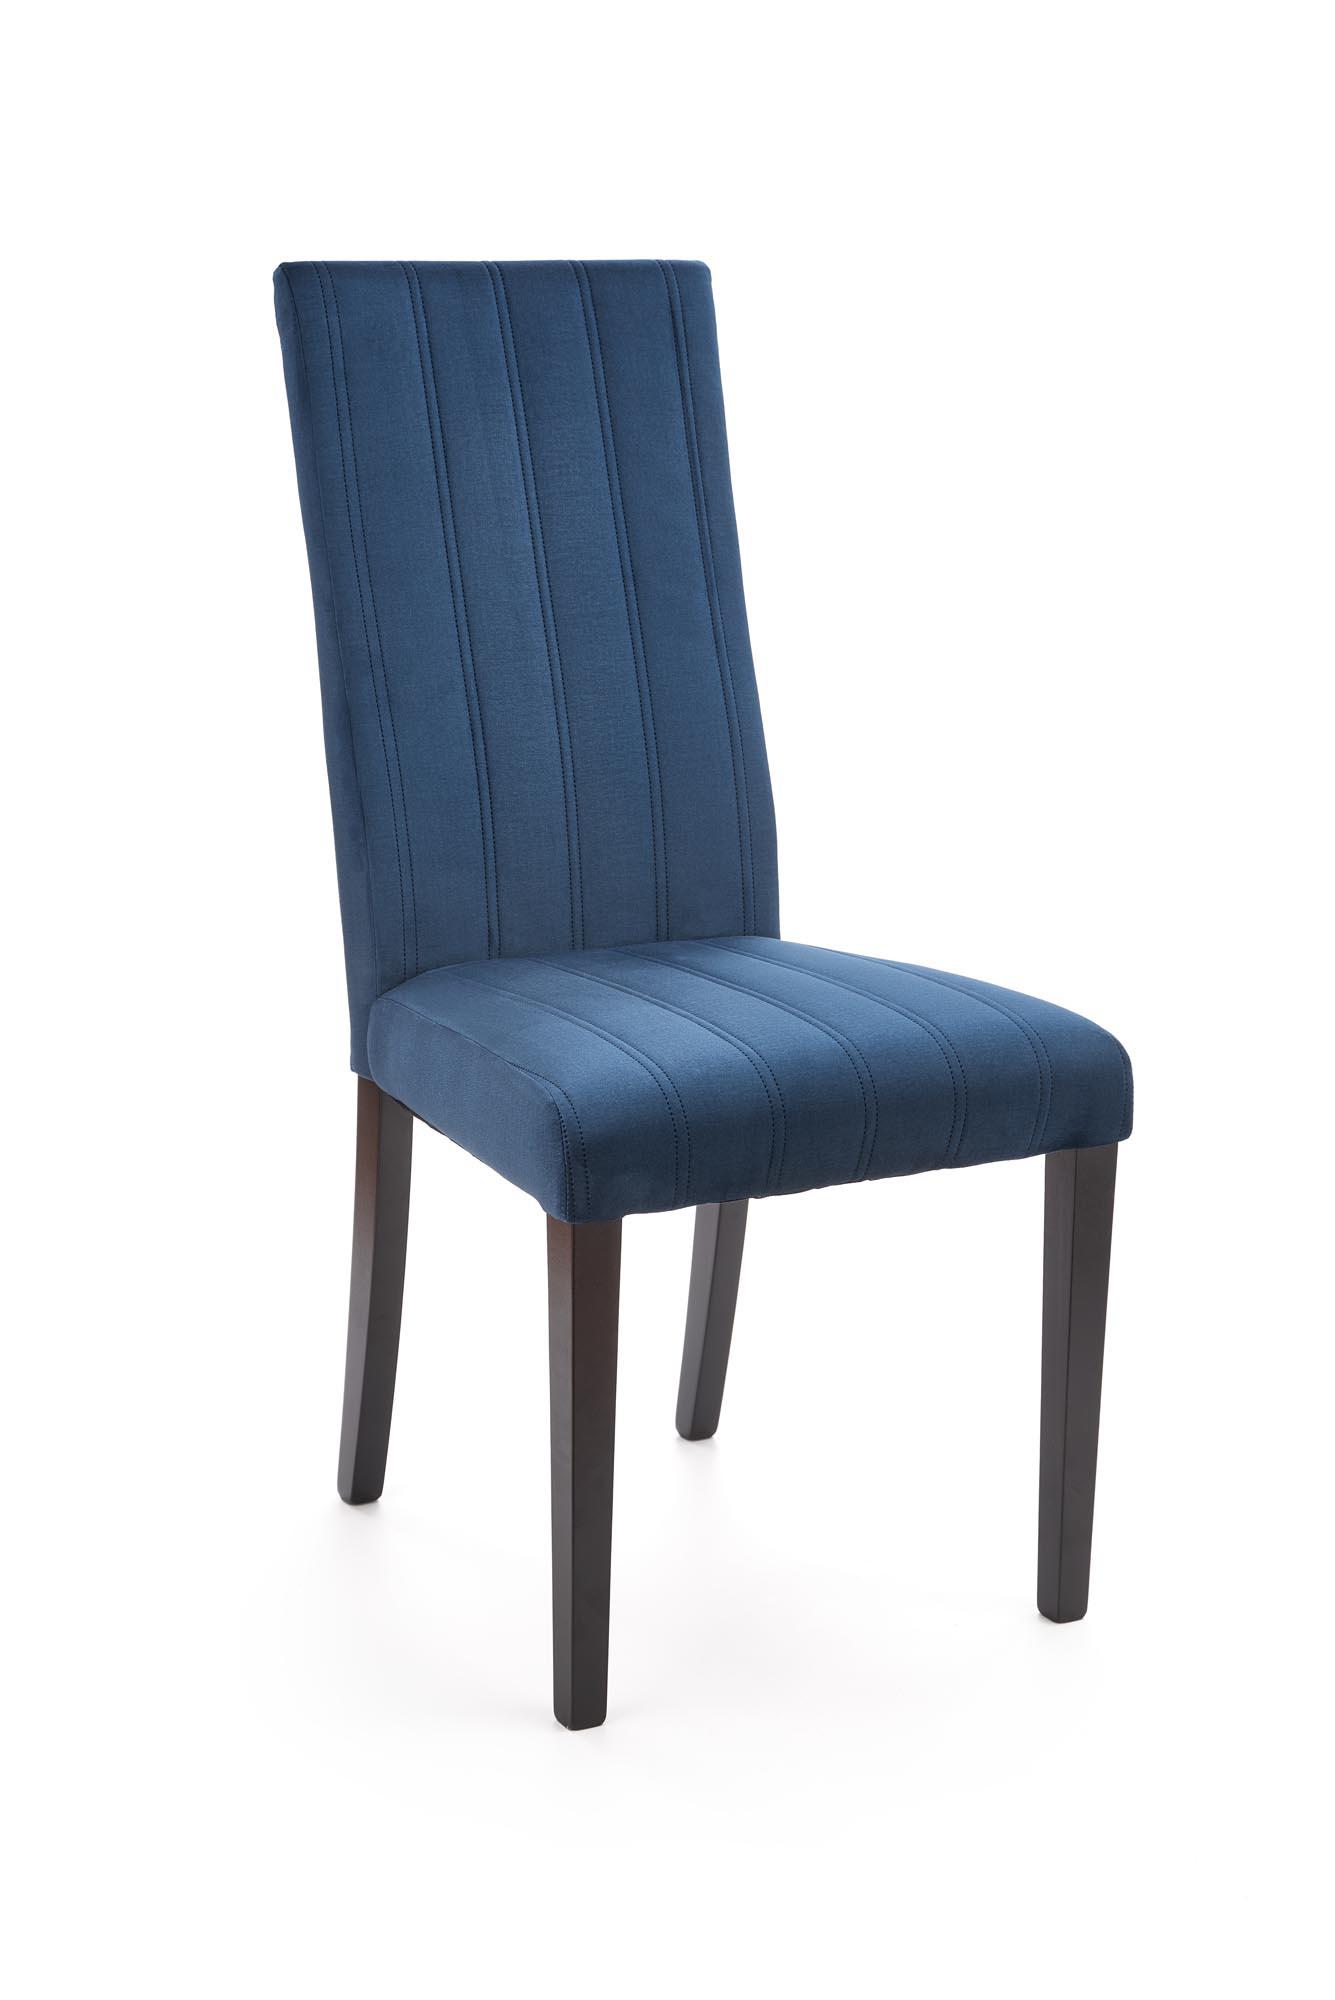 DIEGO 2 krzesło czarny / tap. velvet pikowany Pasy - MONOLITH 77 (granatowy) (1p=1szt)